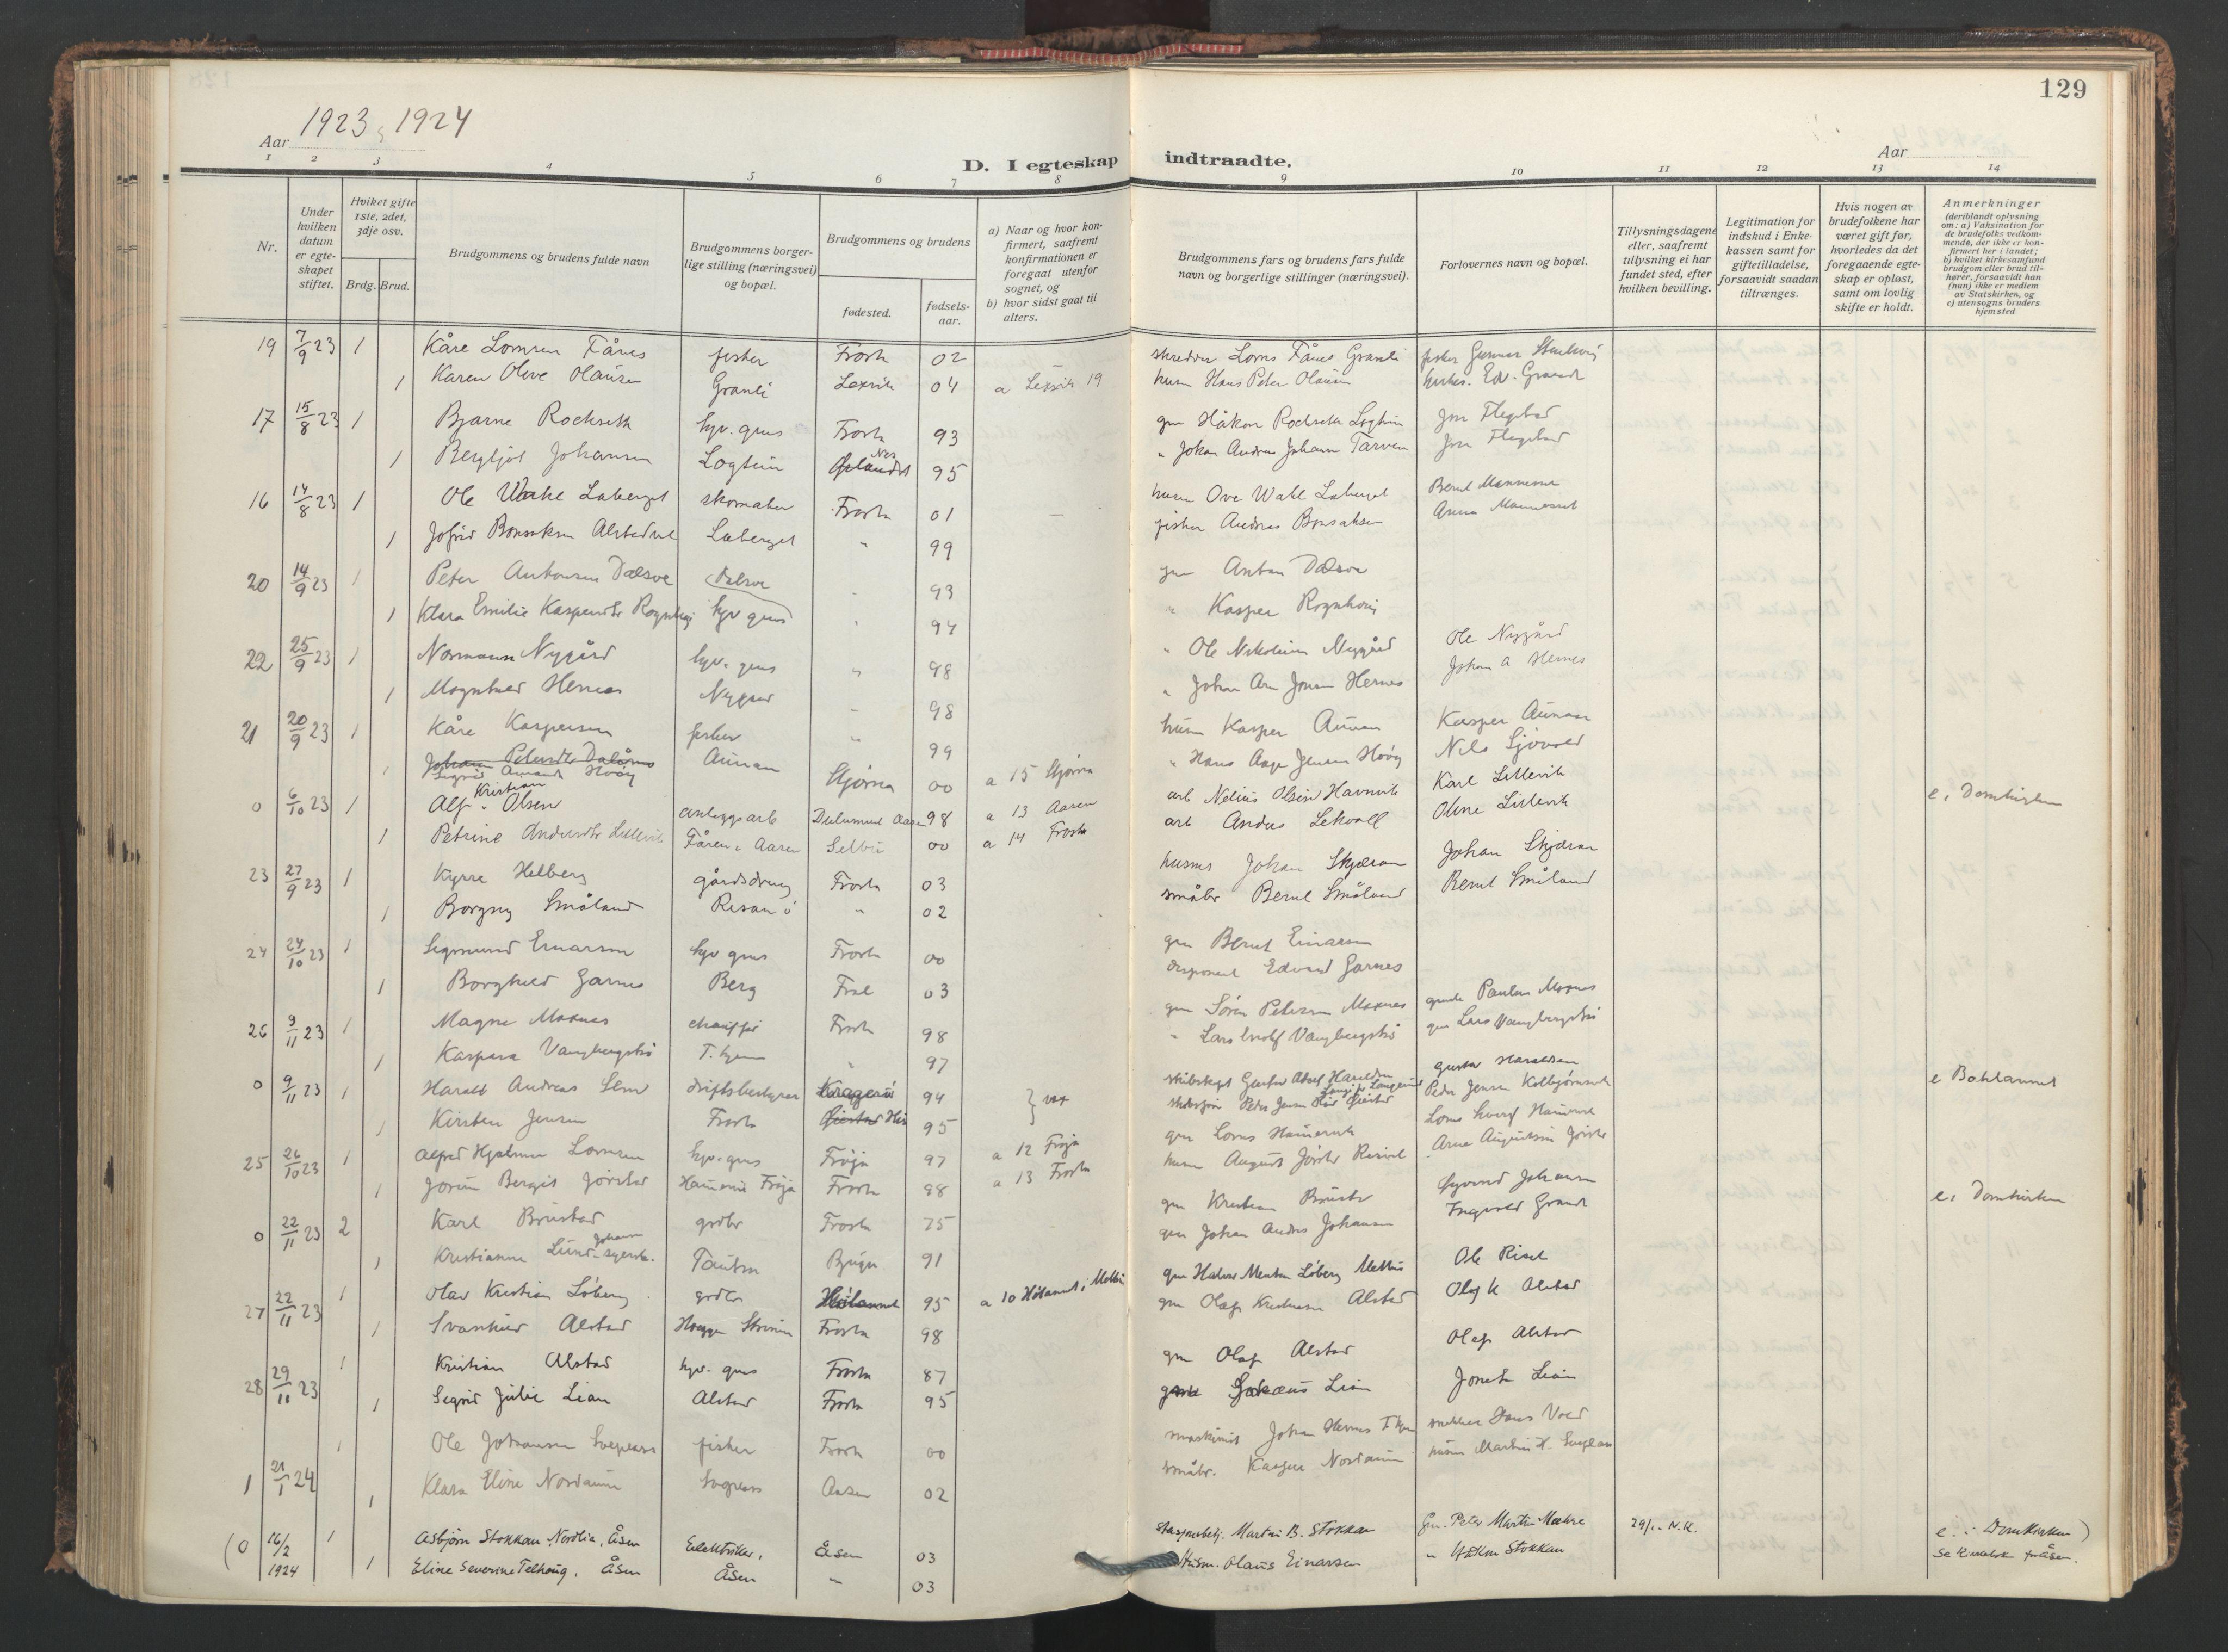 SAT, Ministerialprotokoller, klokkerbøker og fødselsregistre - Nord-Trøndelag, 713/L0123: Ministerialbok nr. 713A12, 1911-1925, s. 129